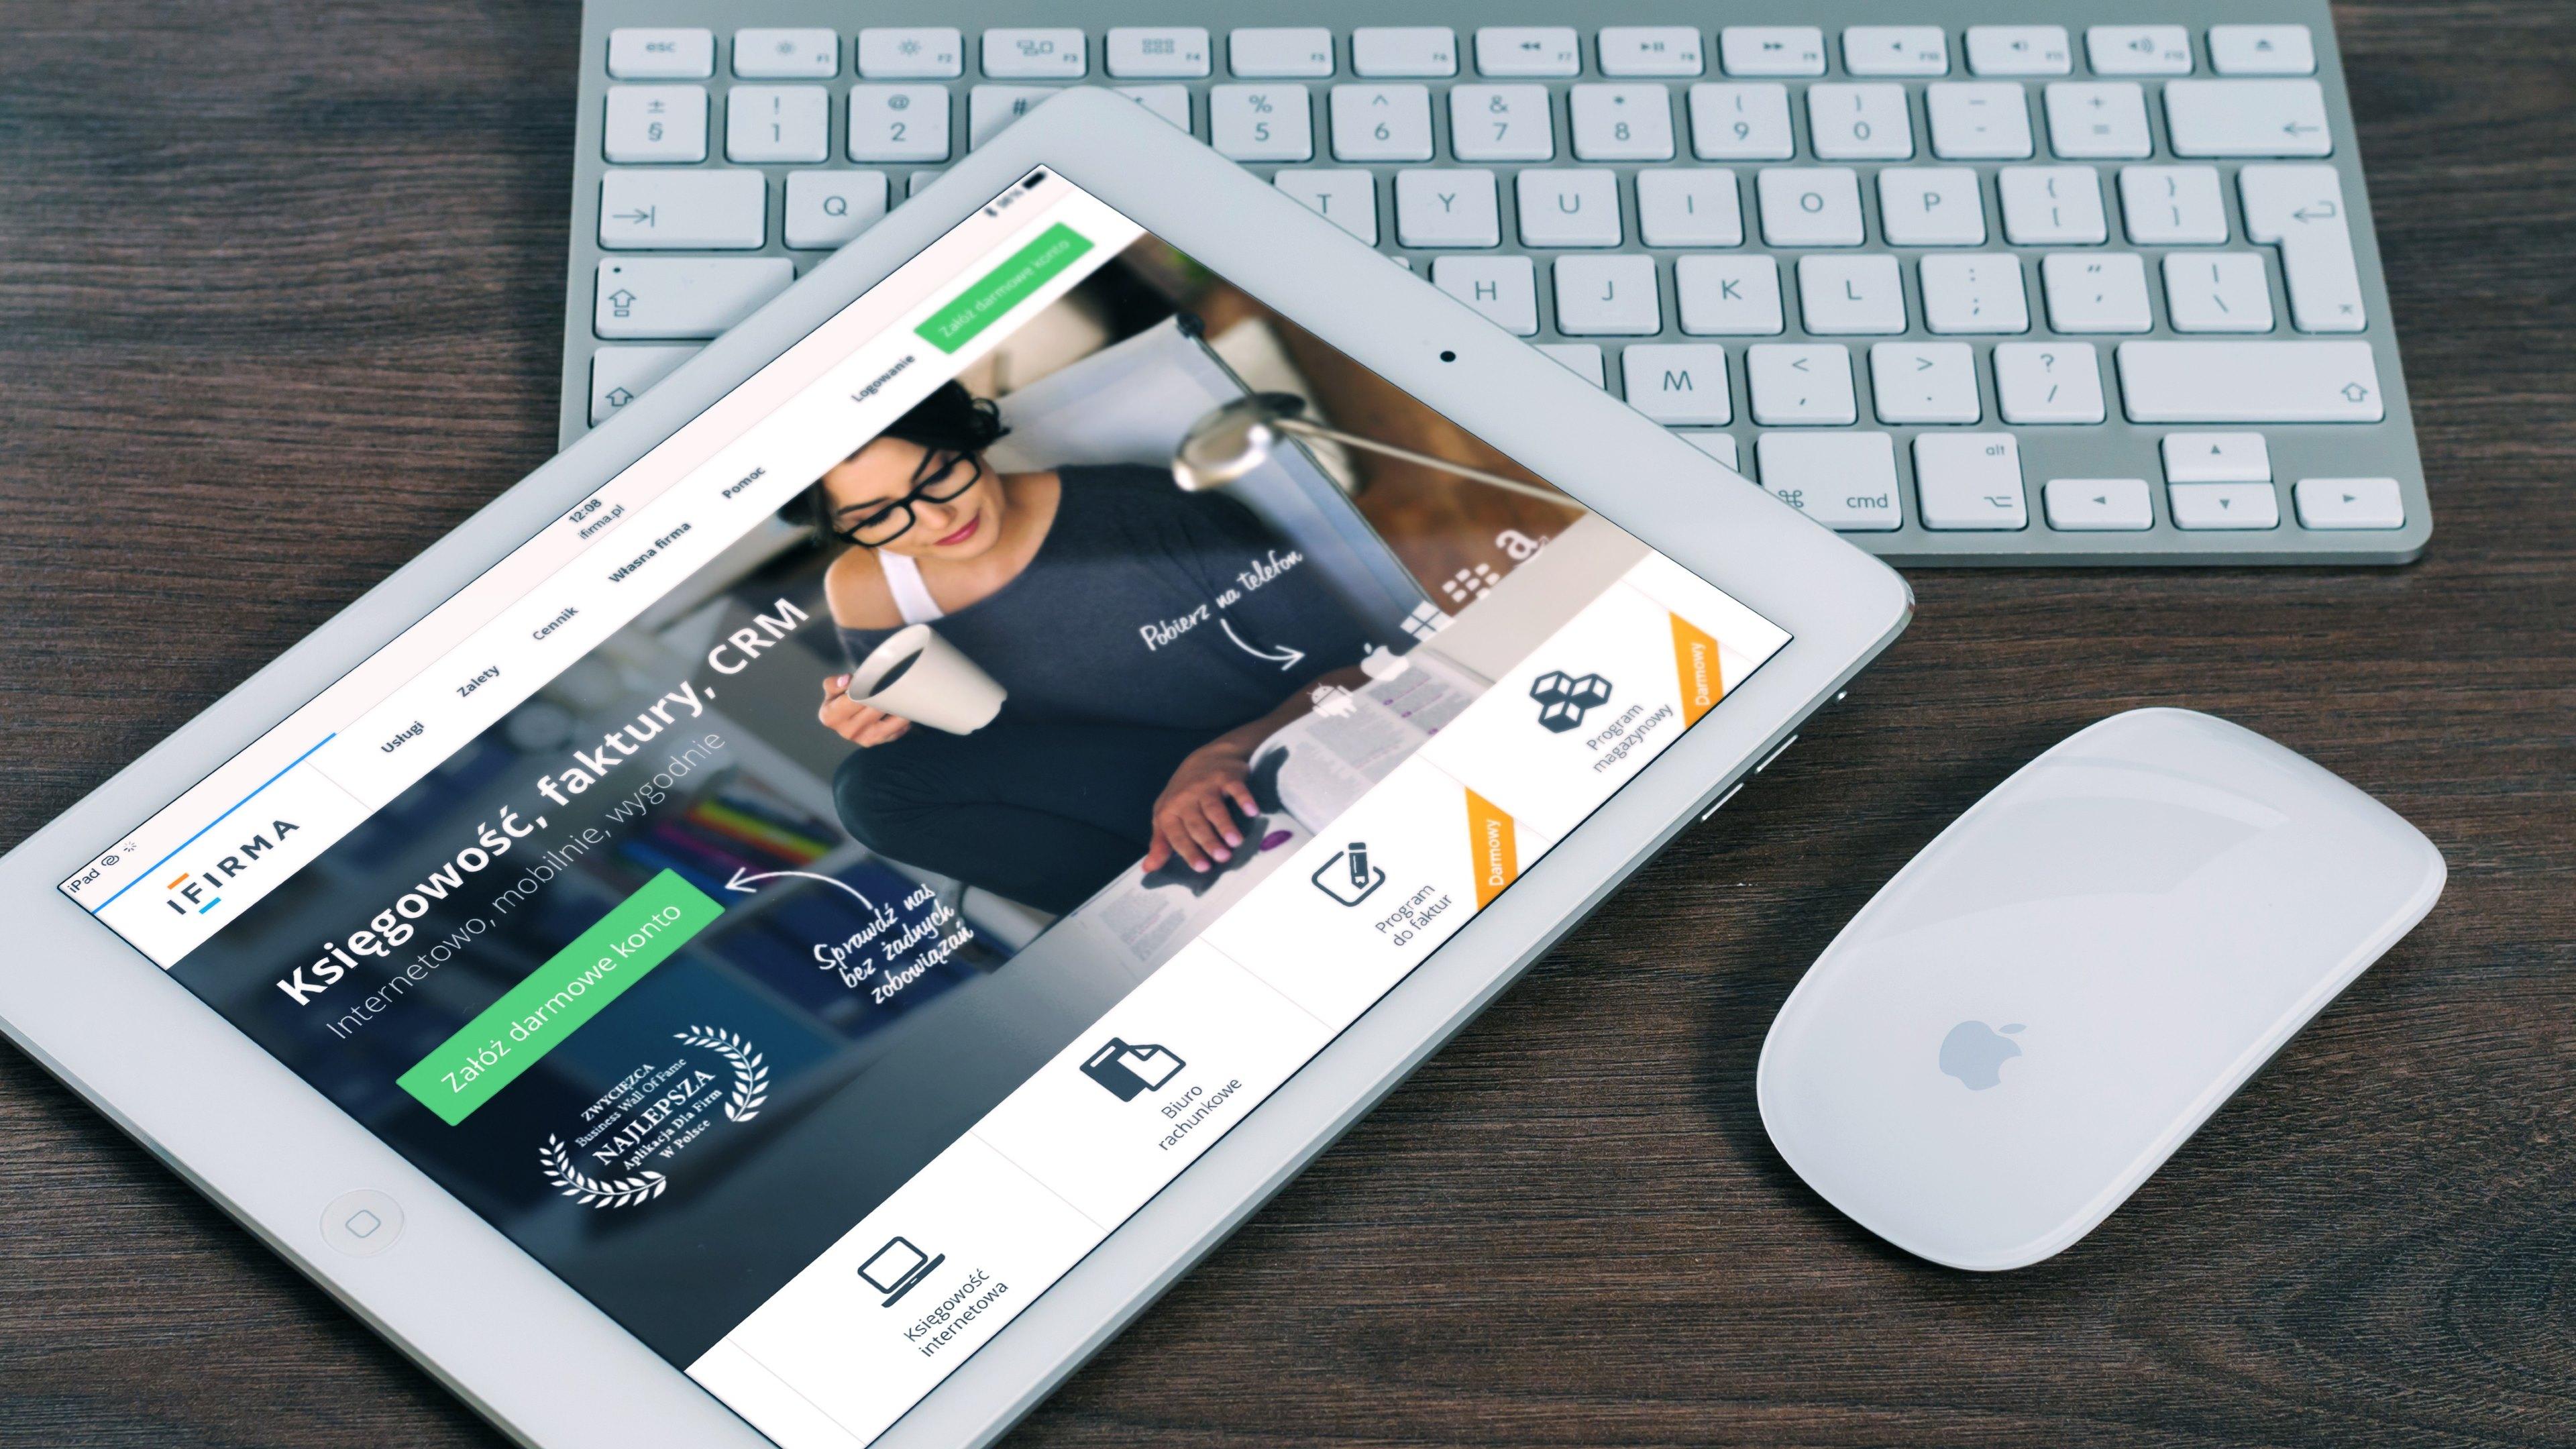 Thiết kế web tại Hồ Chí Minh